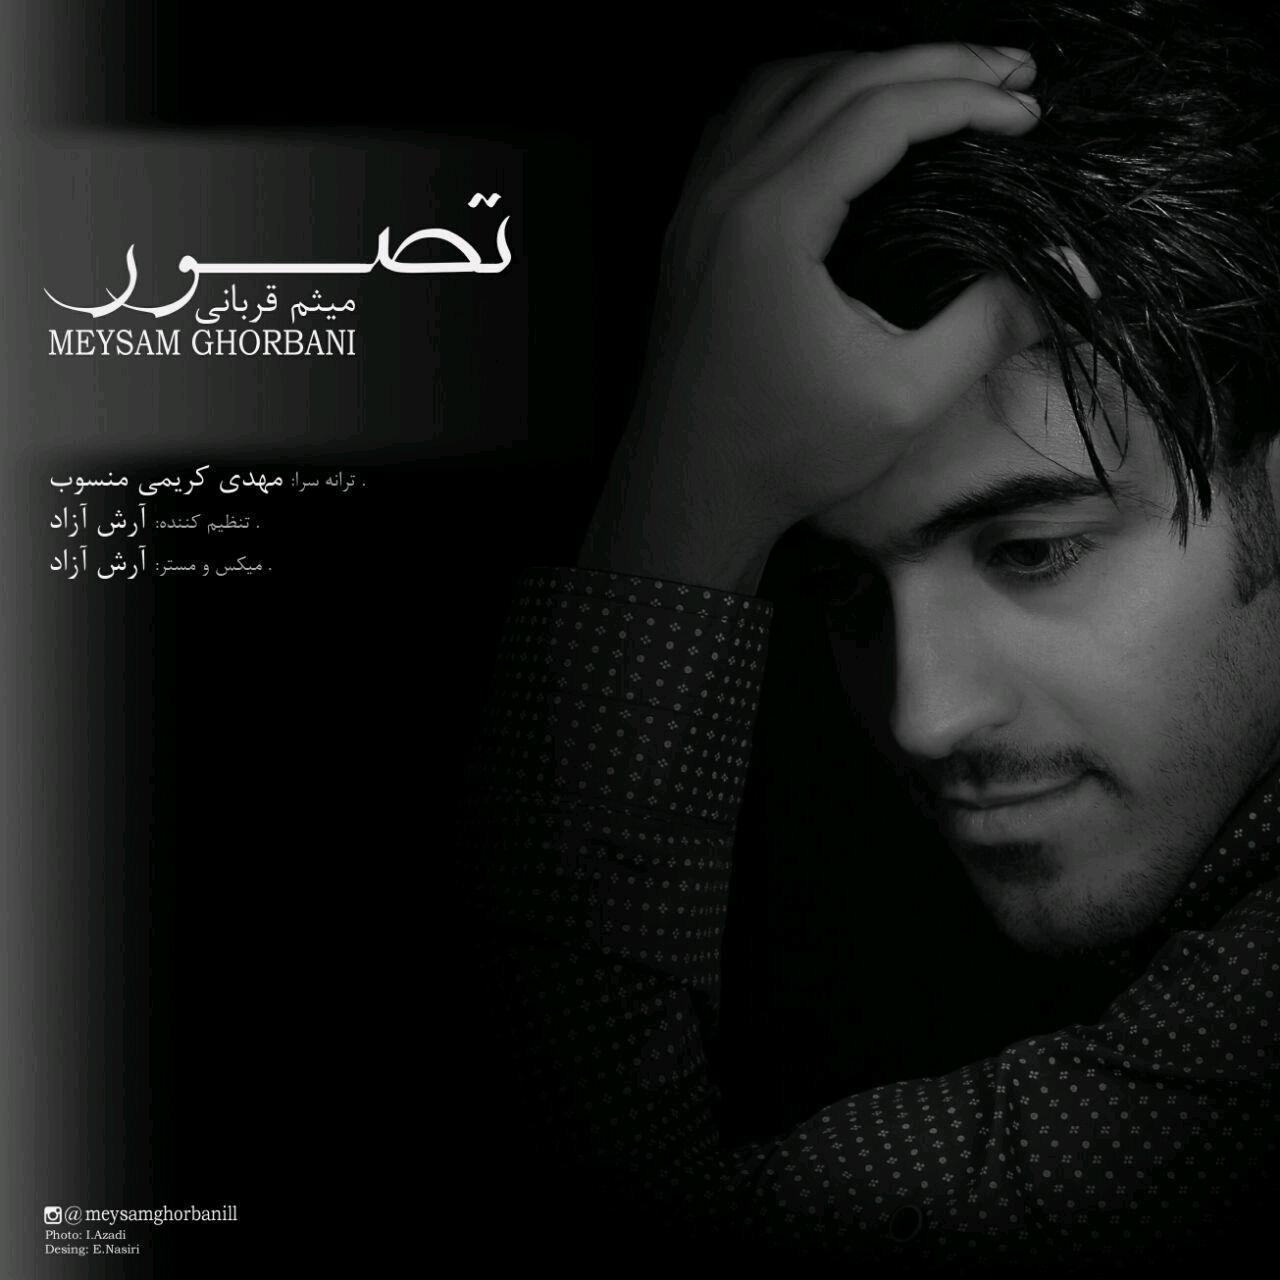 نامبر وان موزیک   دانلود آهنگ جدید Meysam-Ghorbani-Tasavor